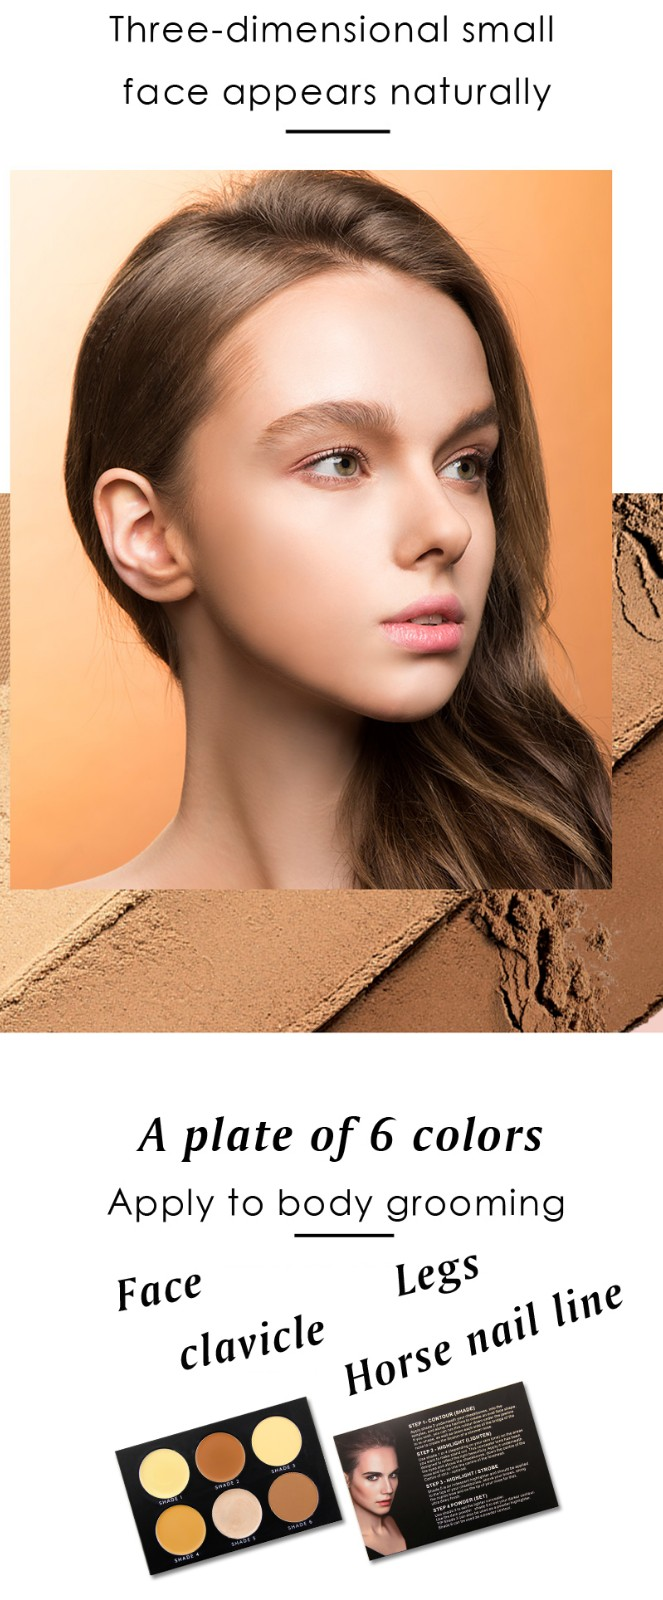 foundation makeup liquid concealer for makeup-5